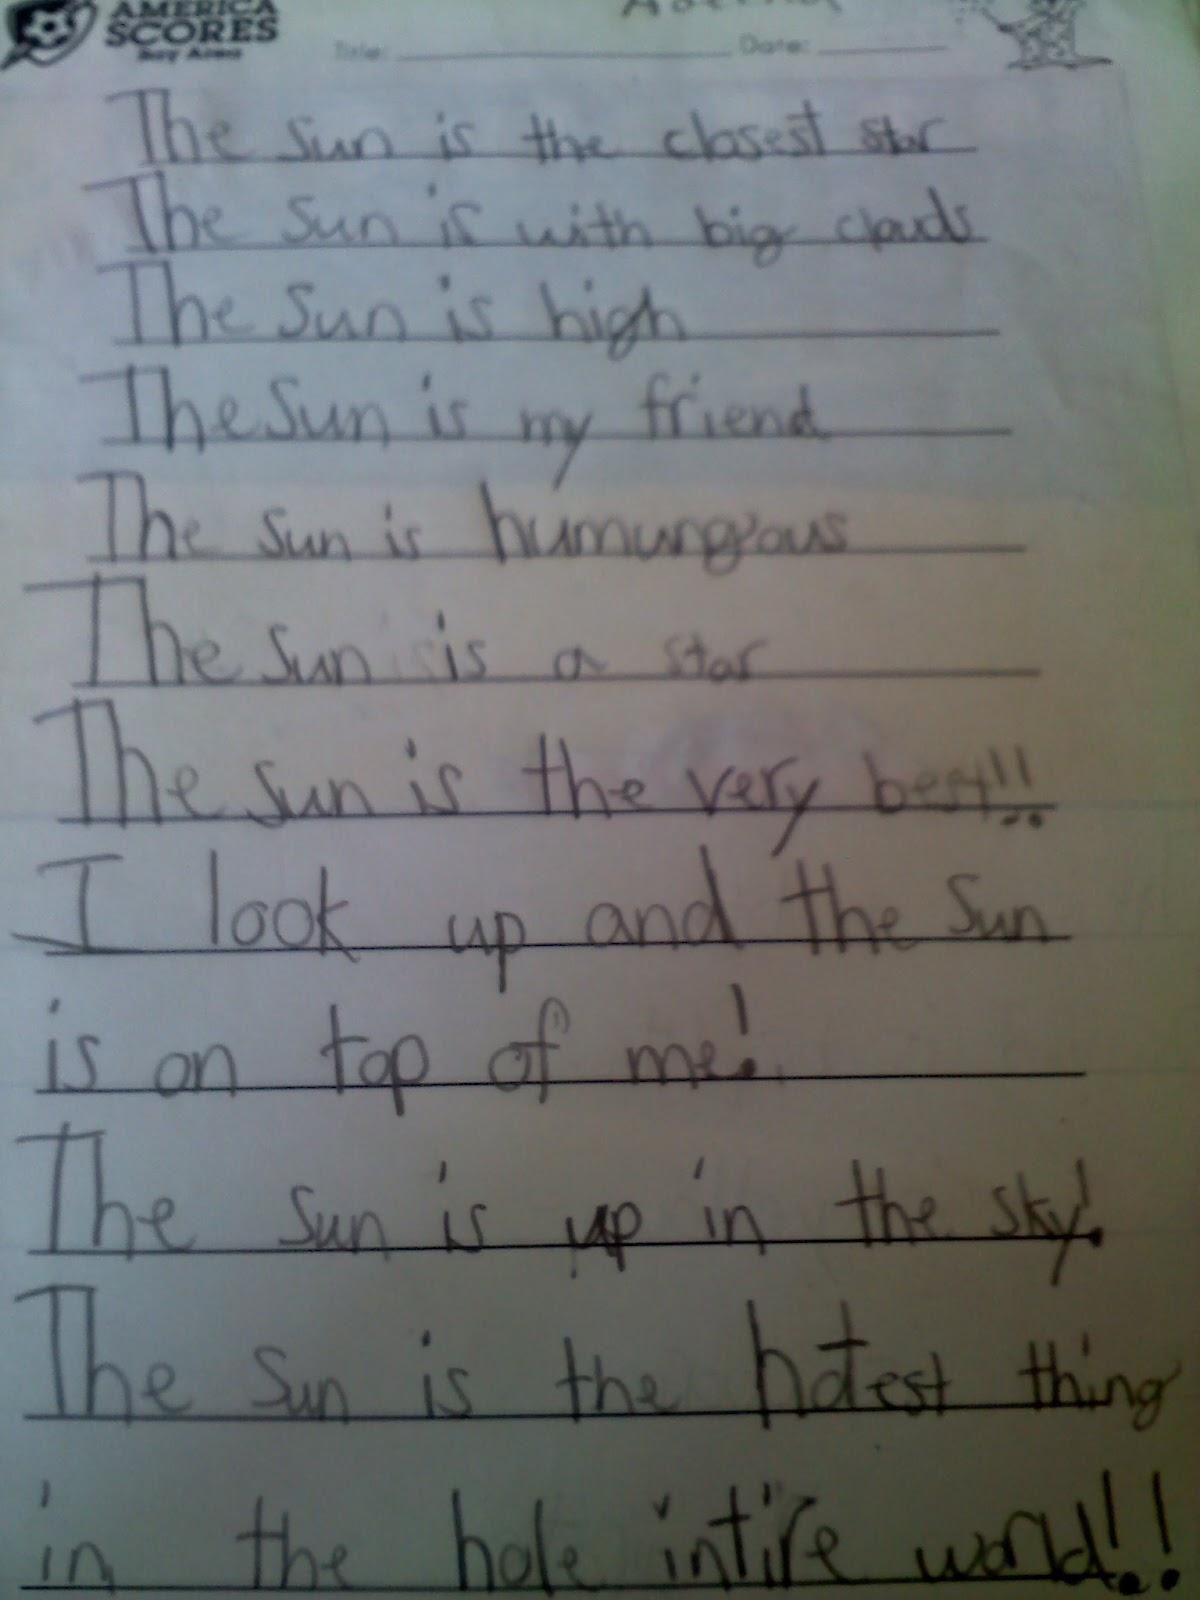 Dear Mom Poem The sun